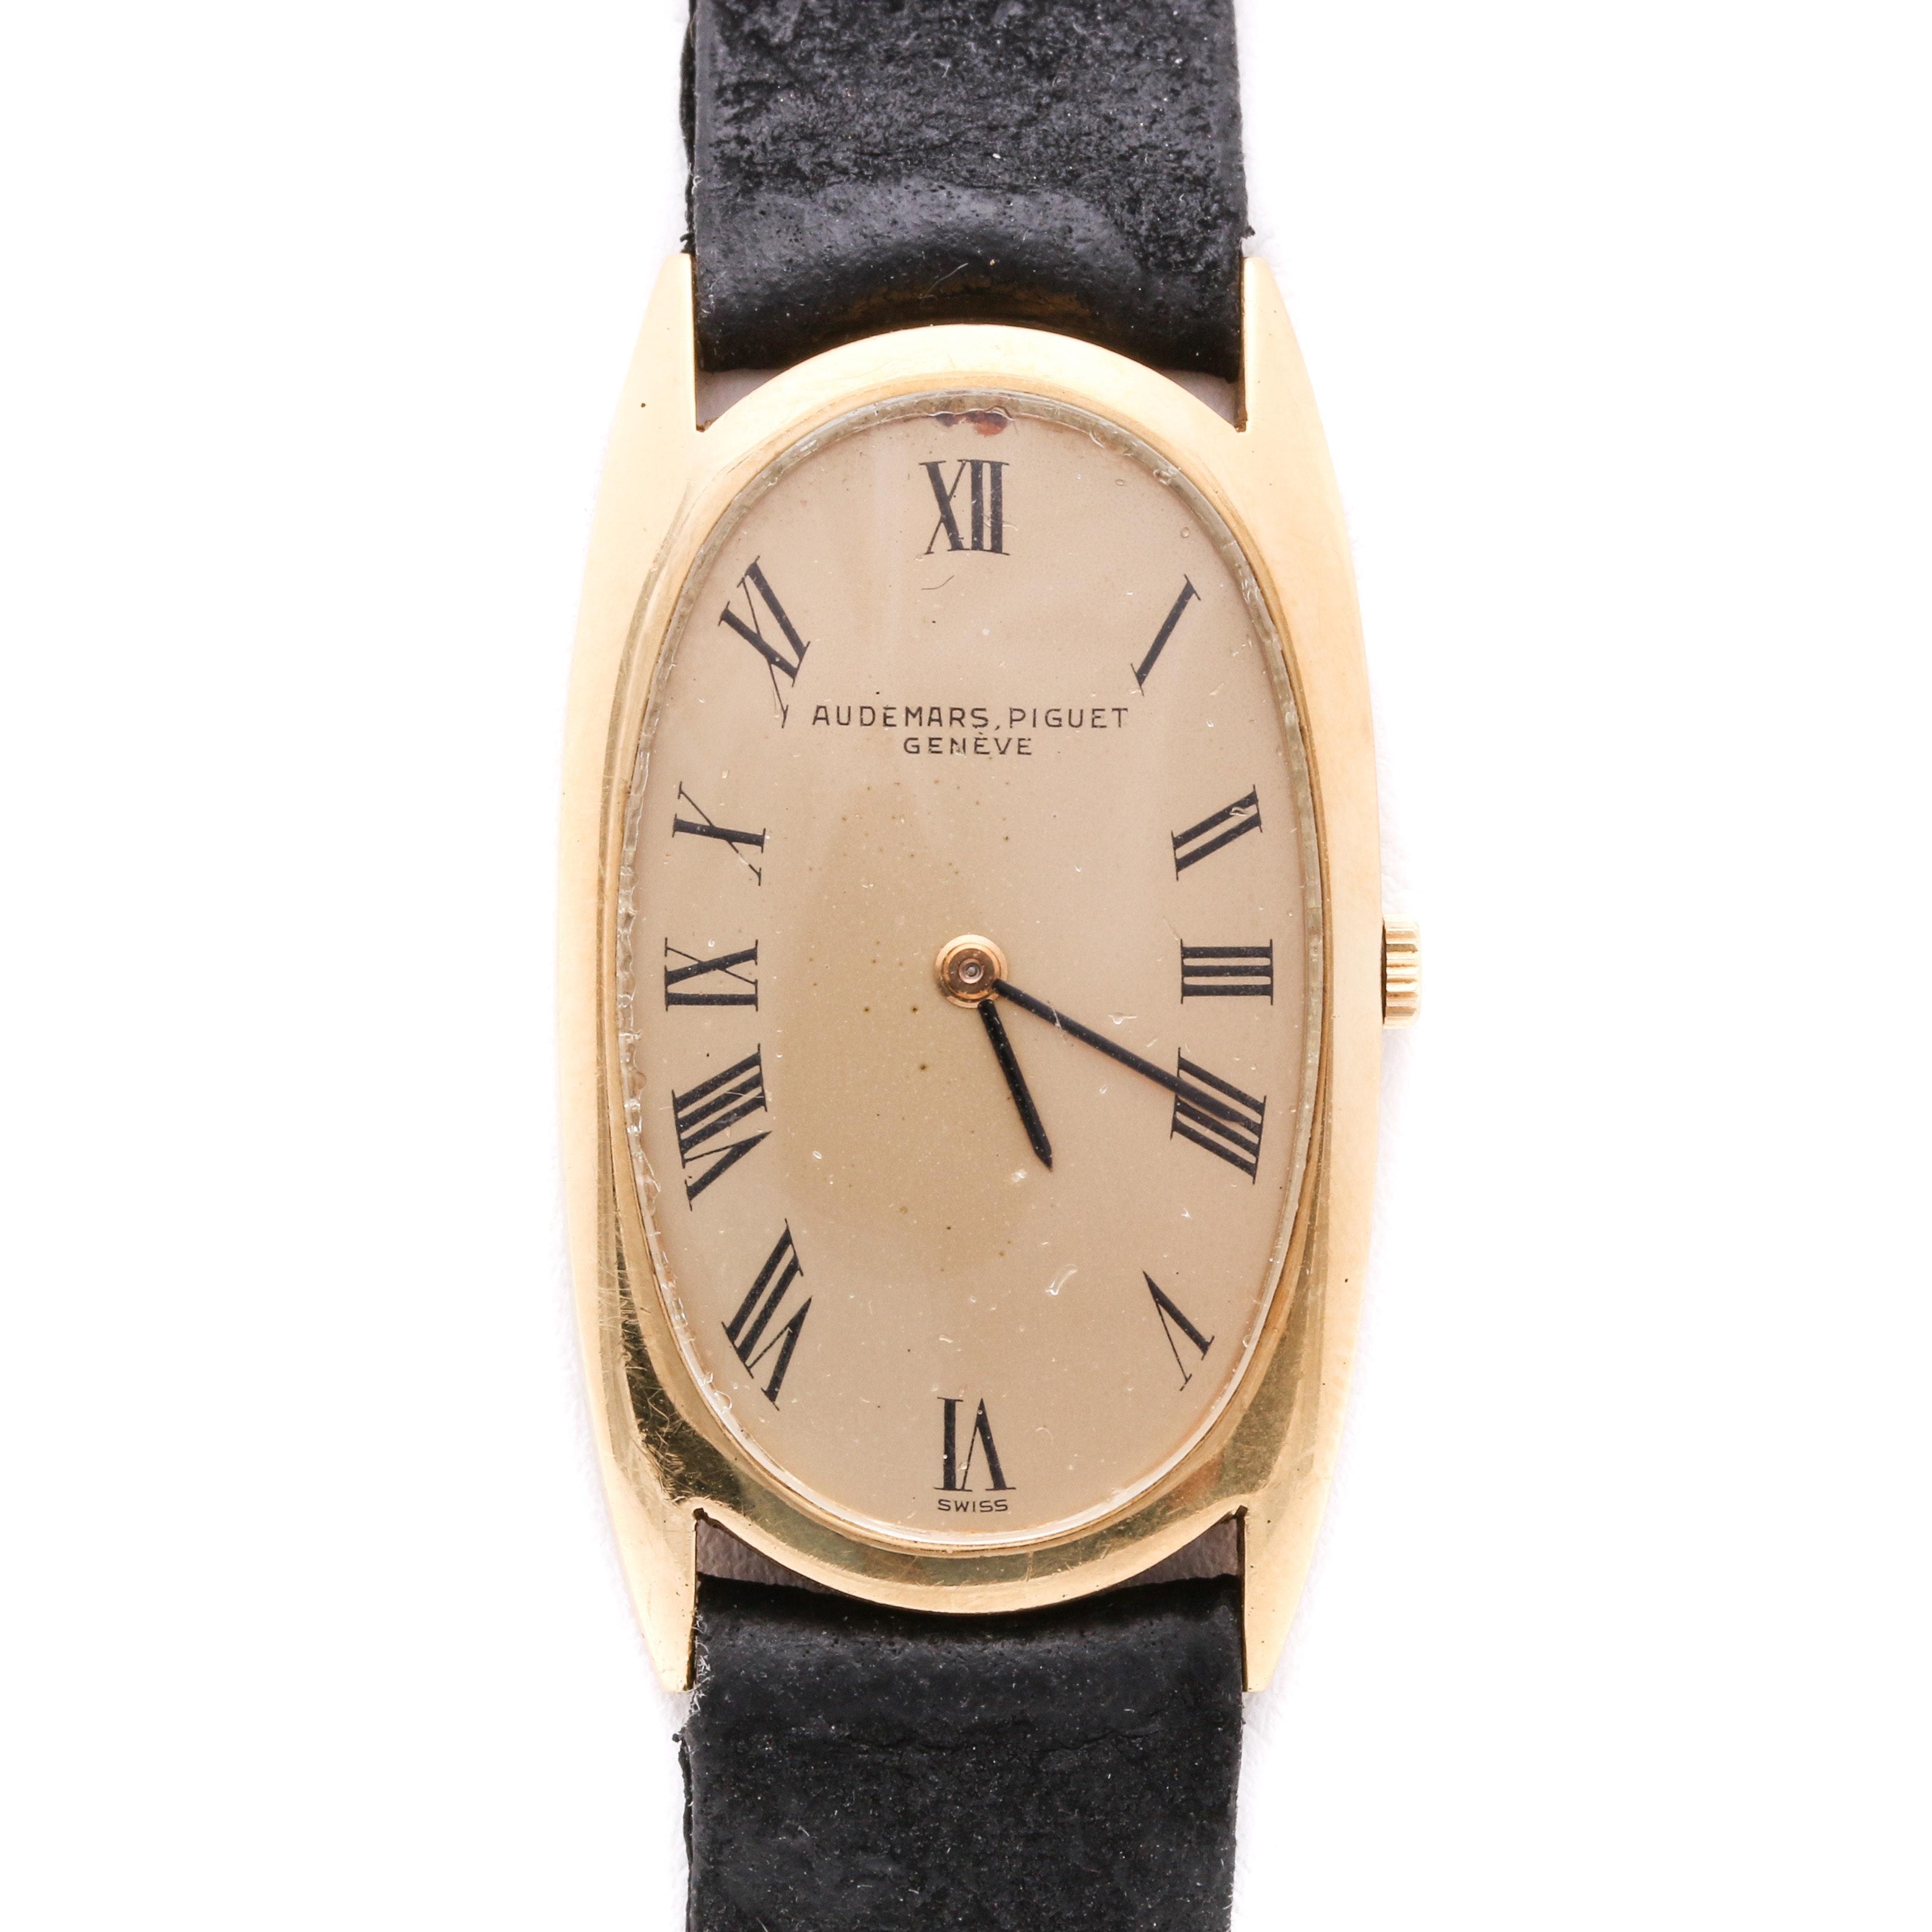 Audemars Piguet Geneve 18K Yellow Gold Wristwatch